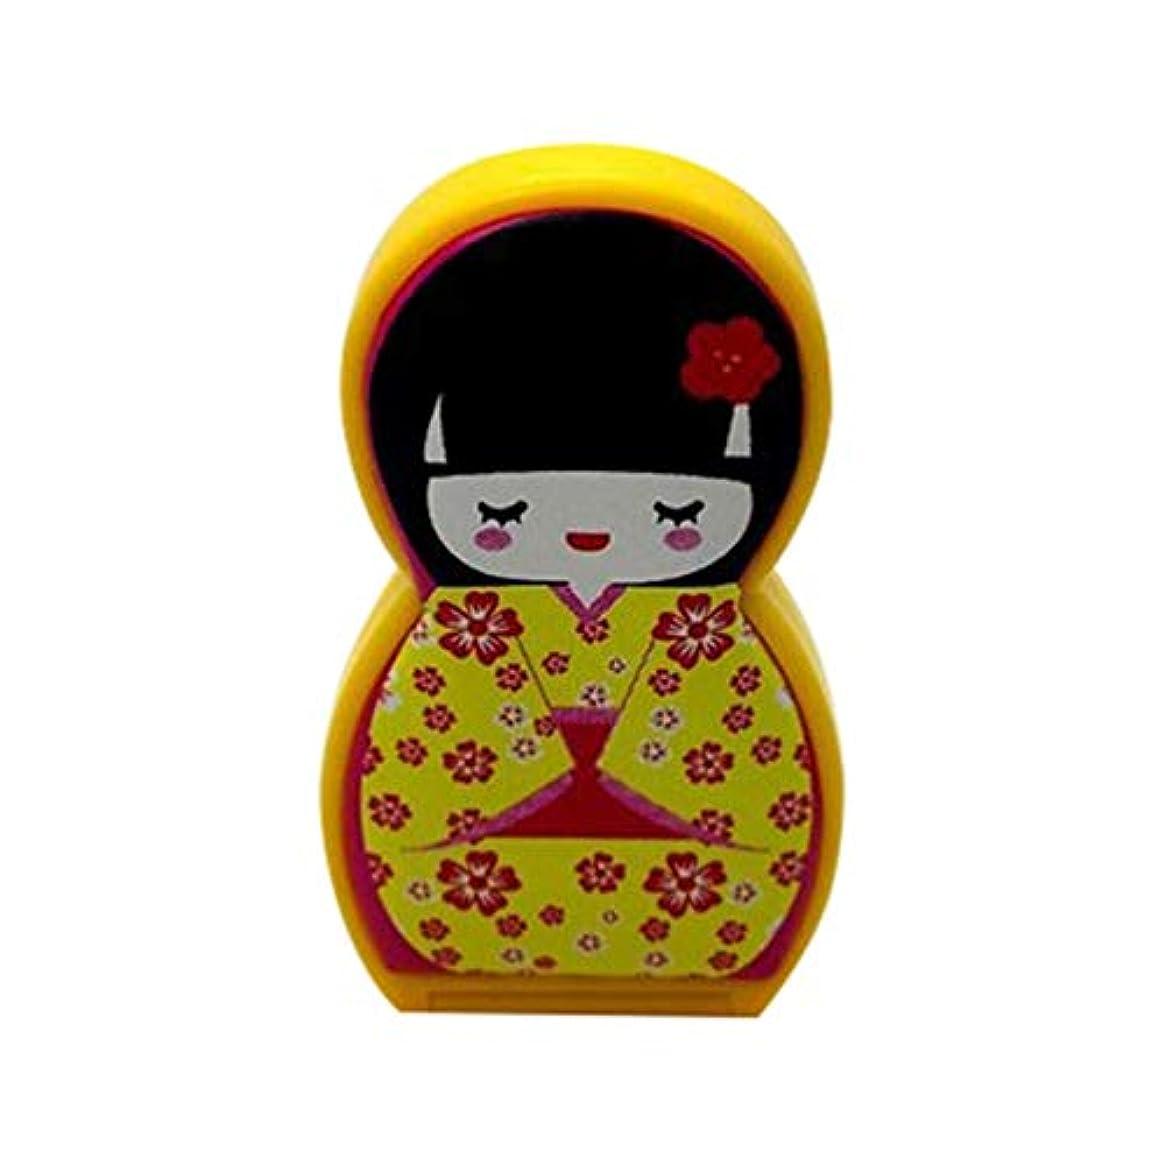 Hongma ネイルケアセット マニキュアセット 可愛い 日本人形 ロシア人形 グルーミングキット 爪やすり 爪切りセット 携帯便利 収納ケース付き (日本人形イェロー)